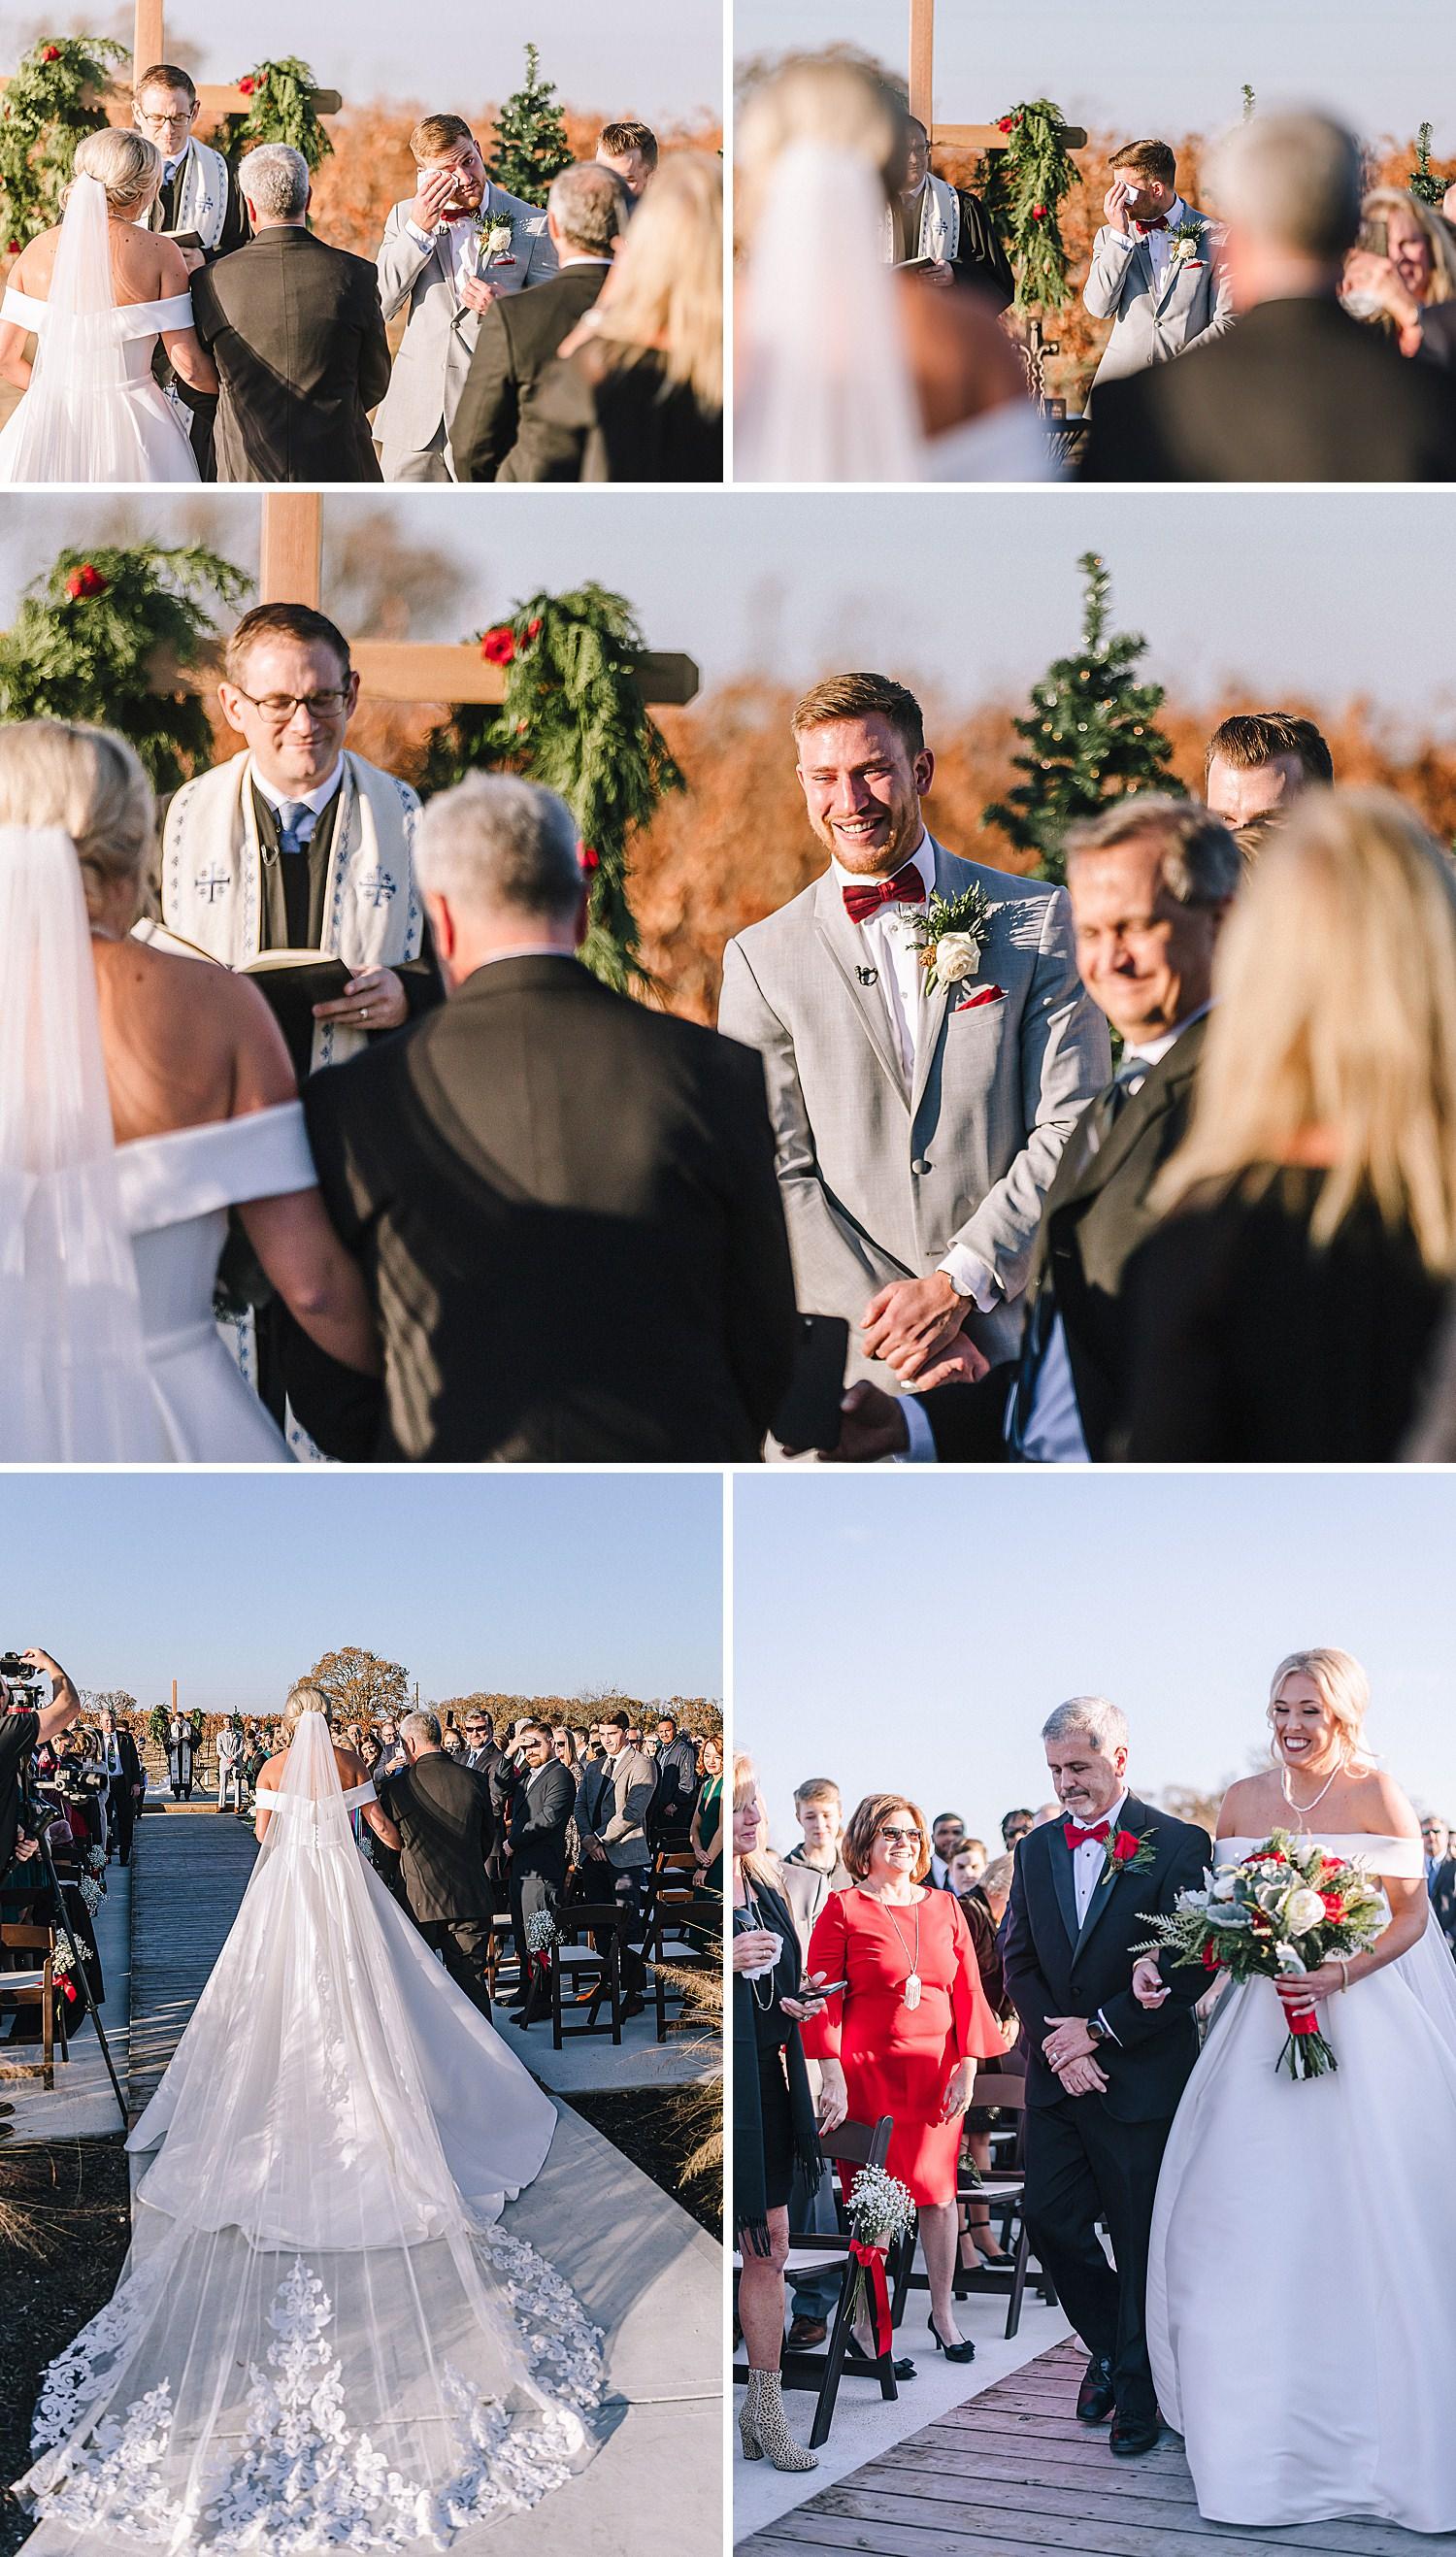 College-Station-Aggie-Wedding-The-Weinberg-at-Wixon-Valley-Christmas-Hallmark-Wedding_0052.jpg